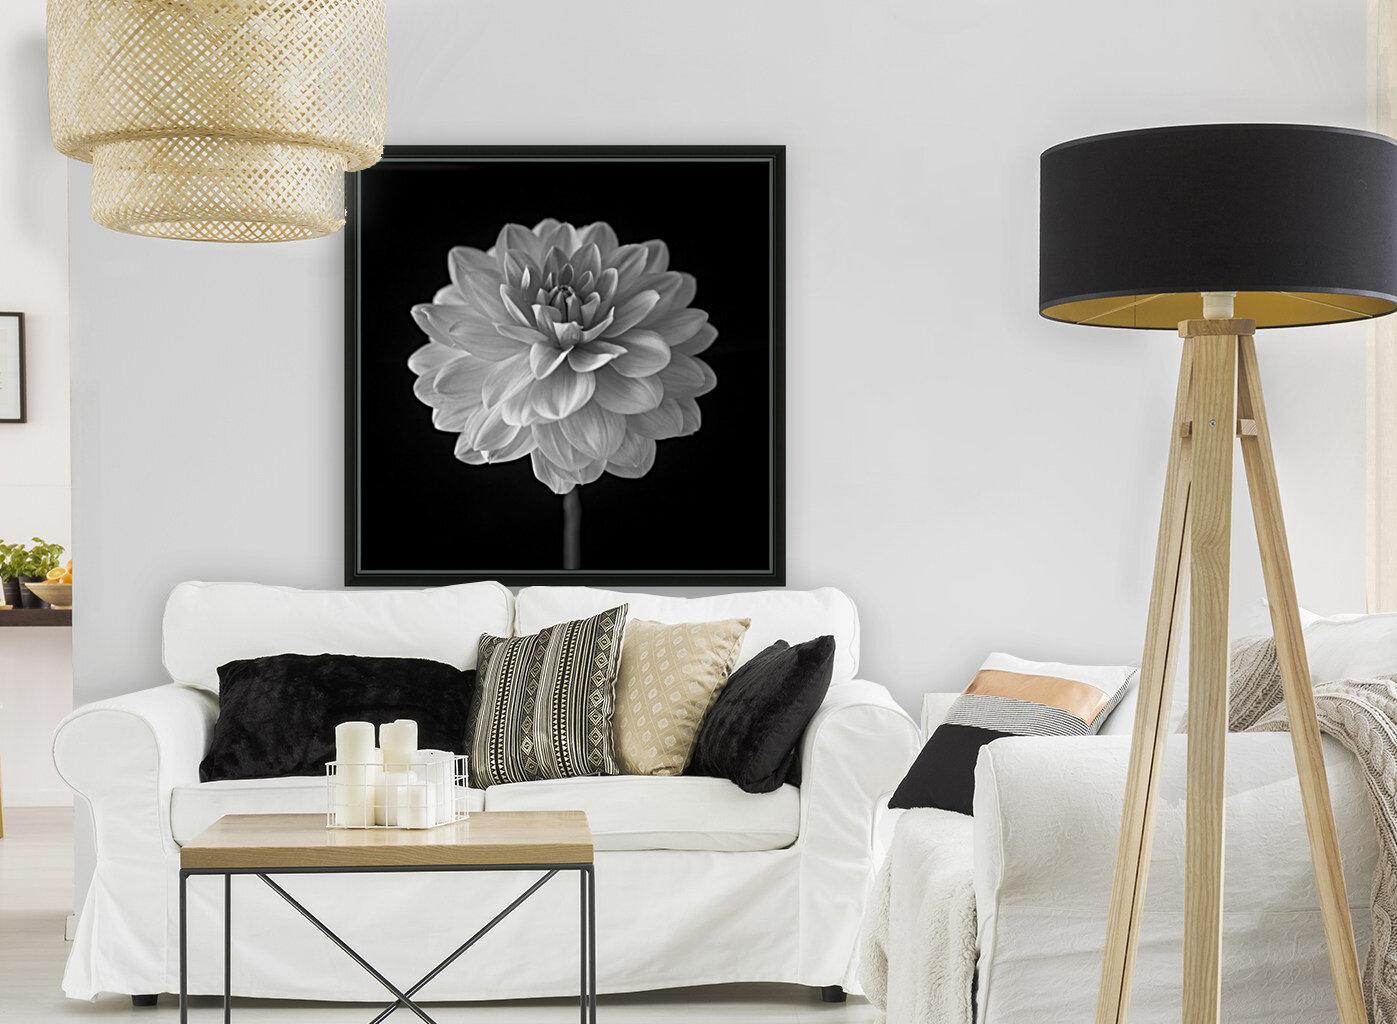 Dahlia flower on black background  Art